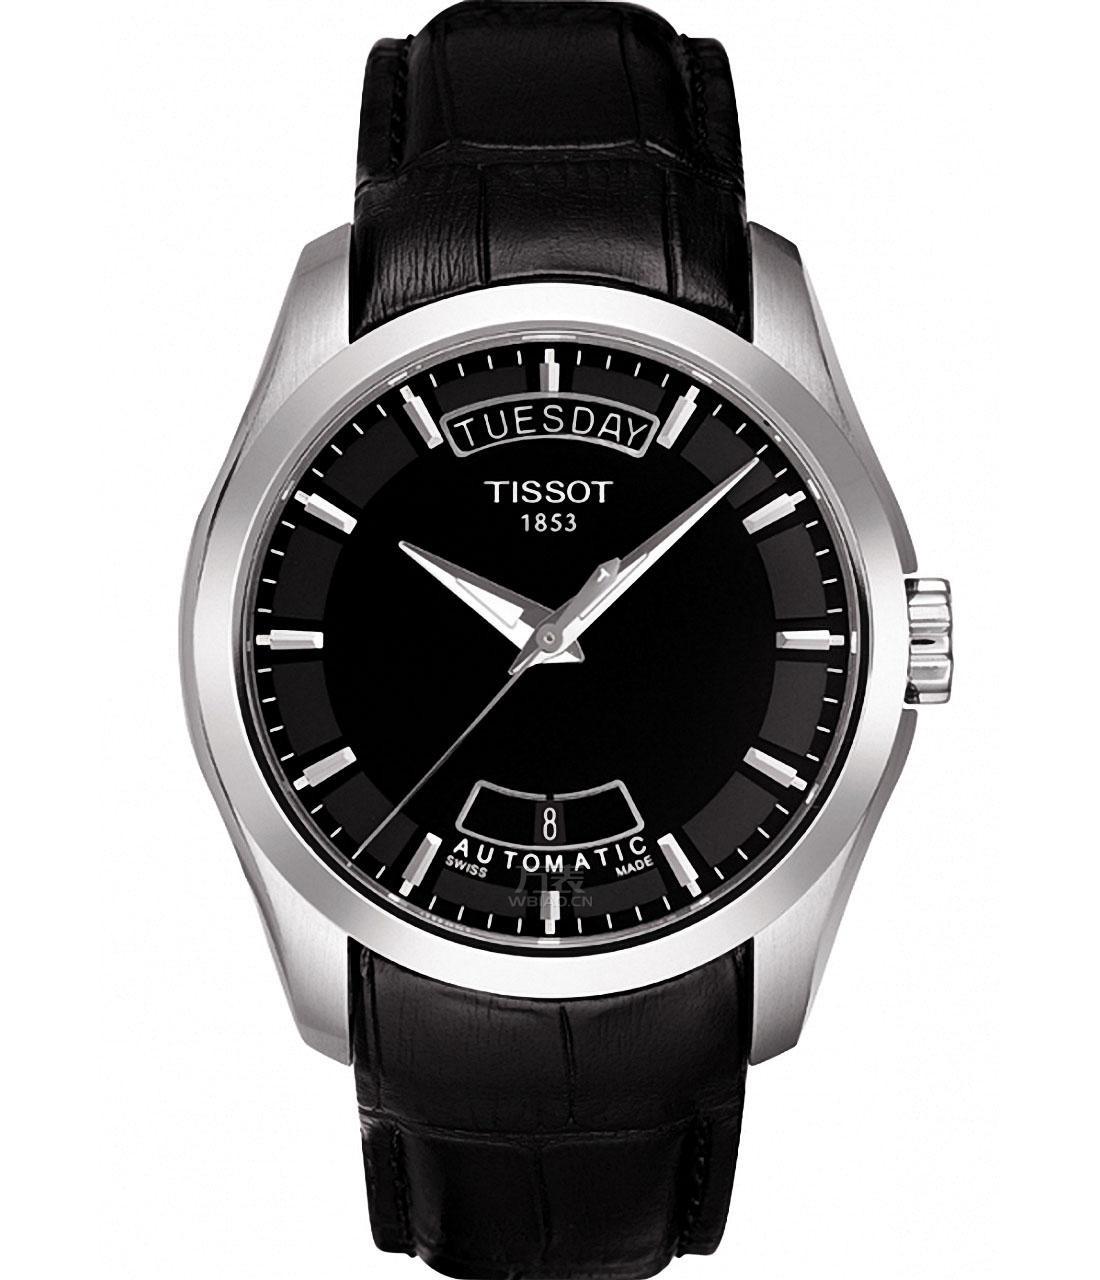 天梭手表怎么样?天梭表产自哪里?天梭手表好吗?